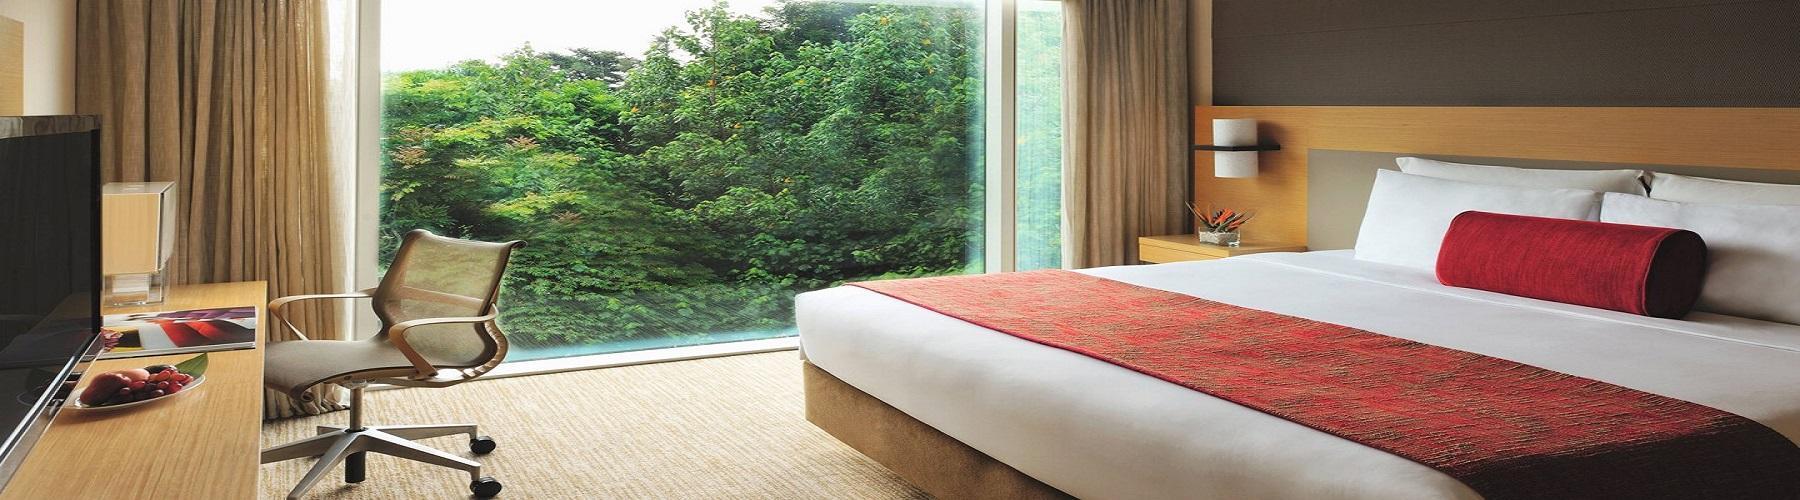 Забронировать отель Le Meridien Singapore Sentosa